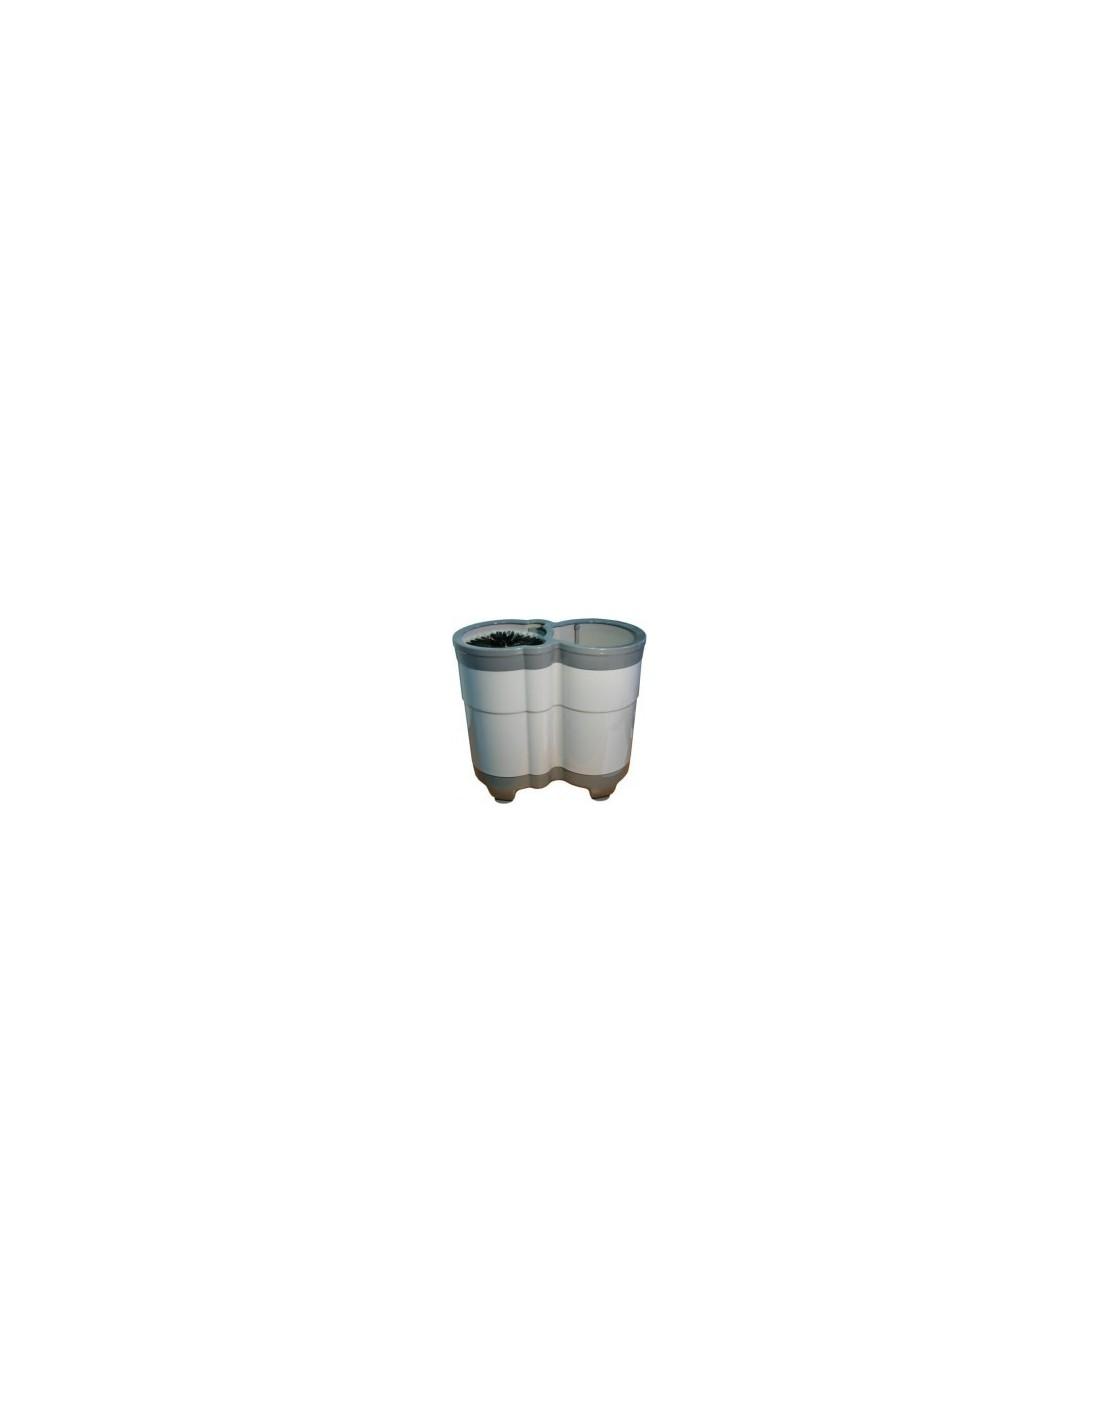 MYK00763 - Glastvätt Dunetic (dubbel)